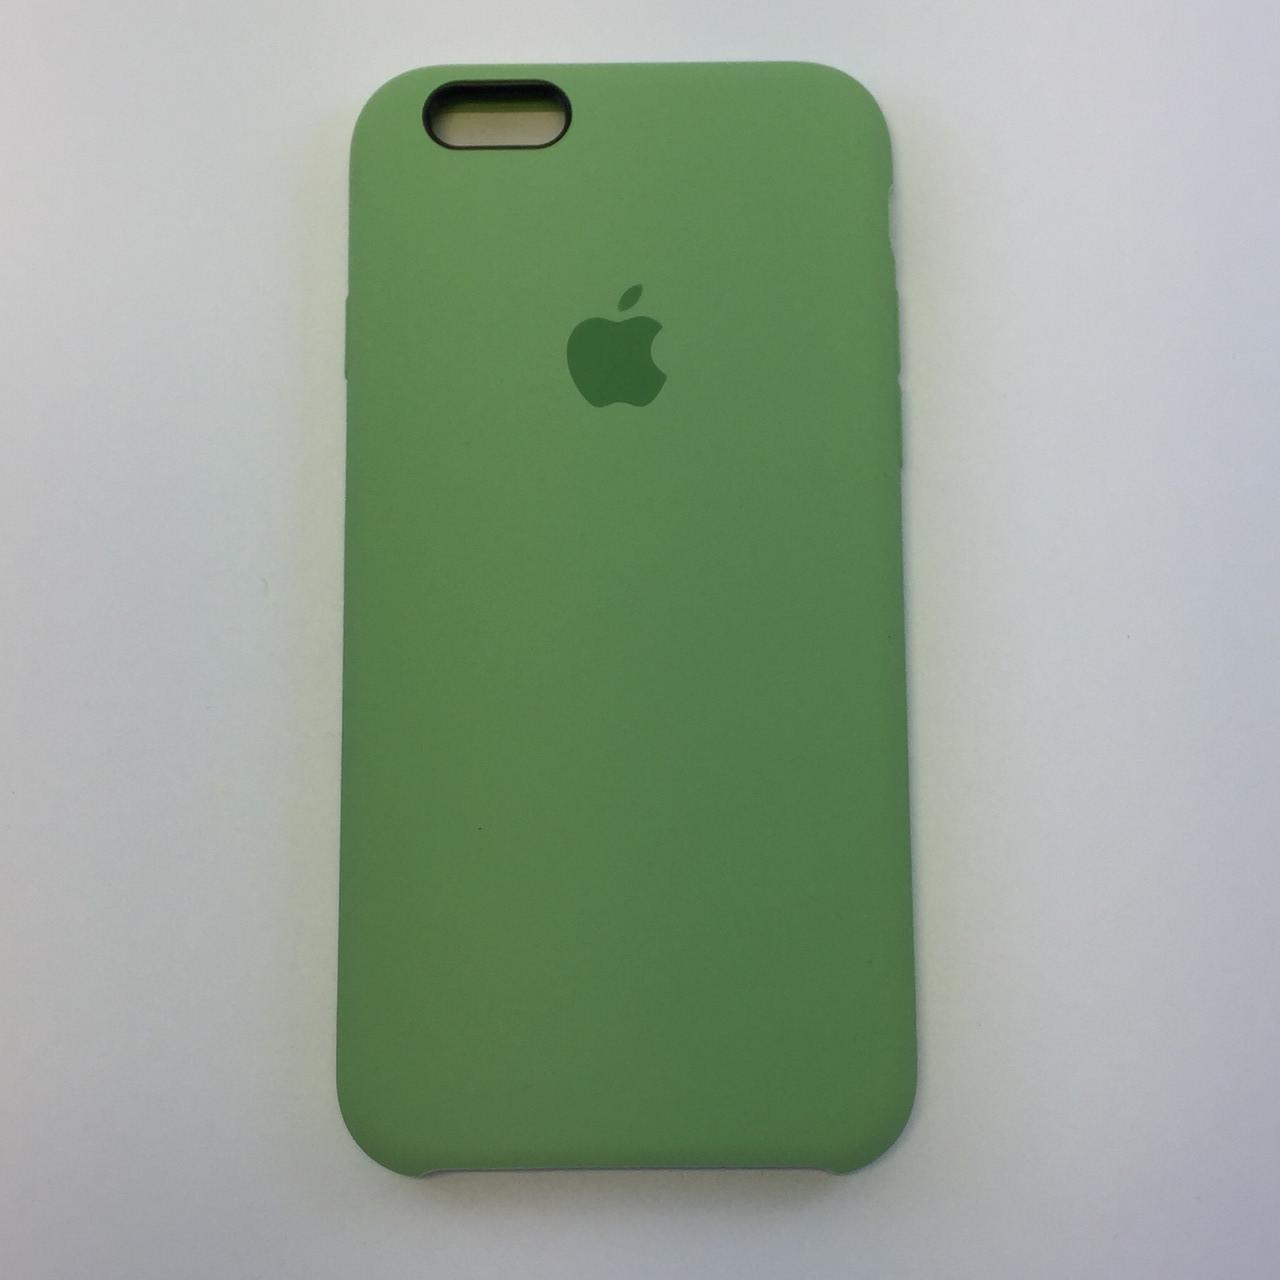 Силиконовый чехол для iPhone 5/5s/SE, - «фисташка» - copy original